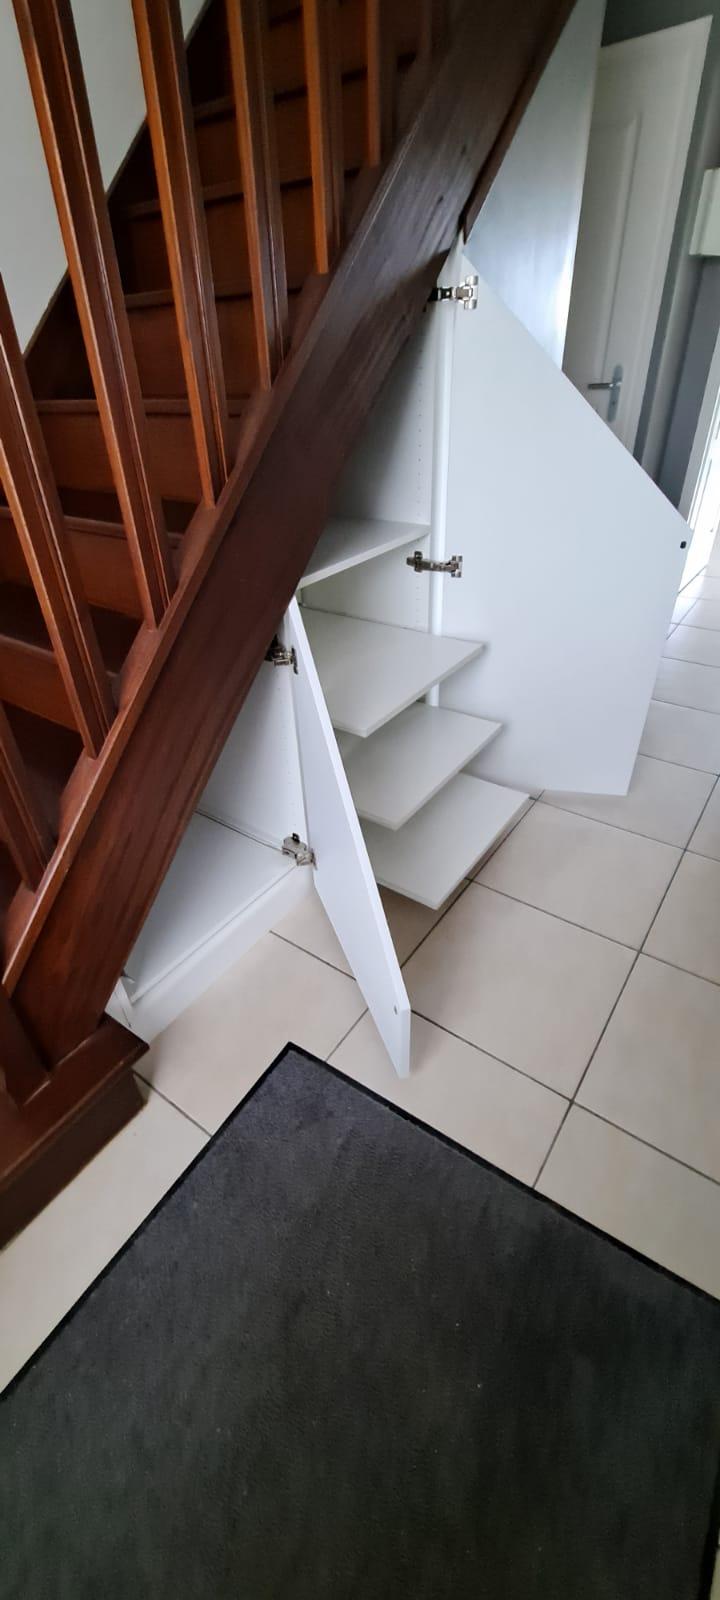 sur cette photo on voit l'escalier avec le meuble ouvert